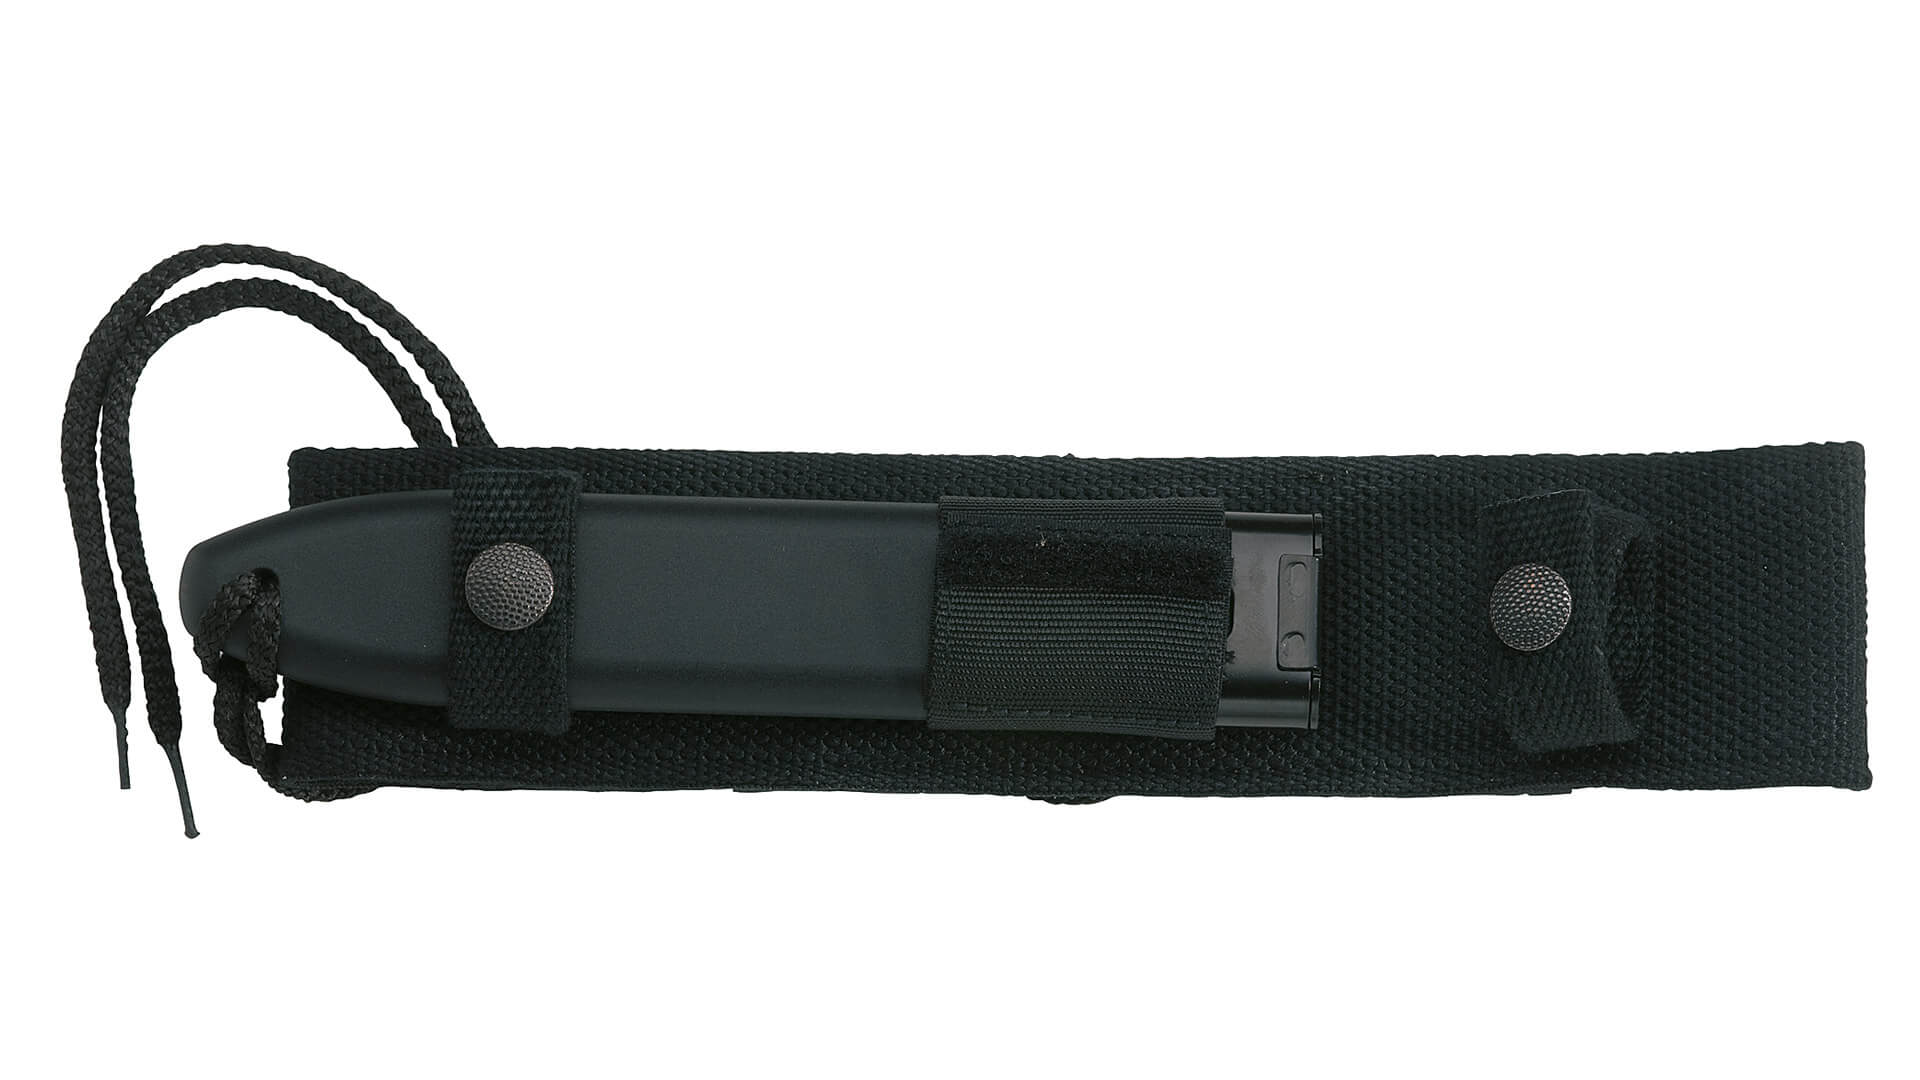 eickhorn-km2000-kampfmesser-outdoormesser-scheide-kaufen